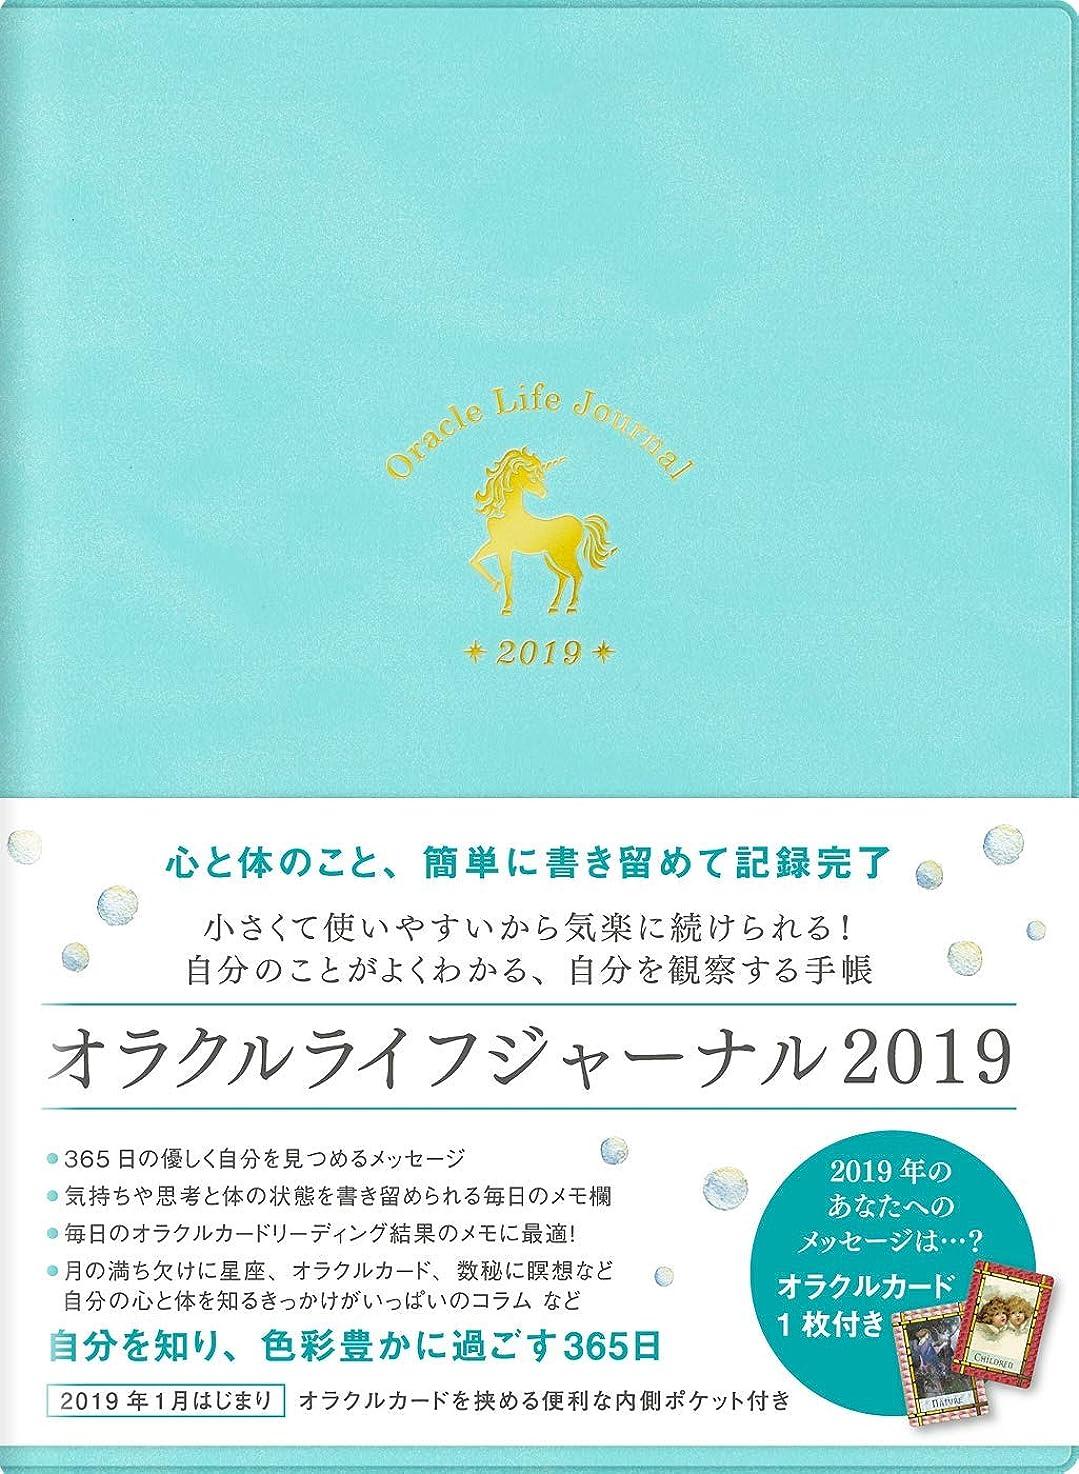 ワイプ銅誘惑オラクルライフジャーナル2019(ターコイズ)